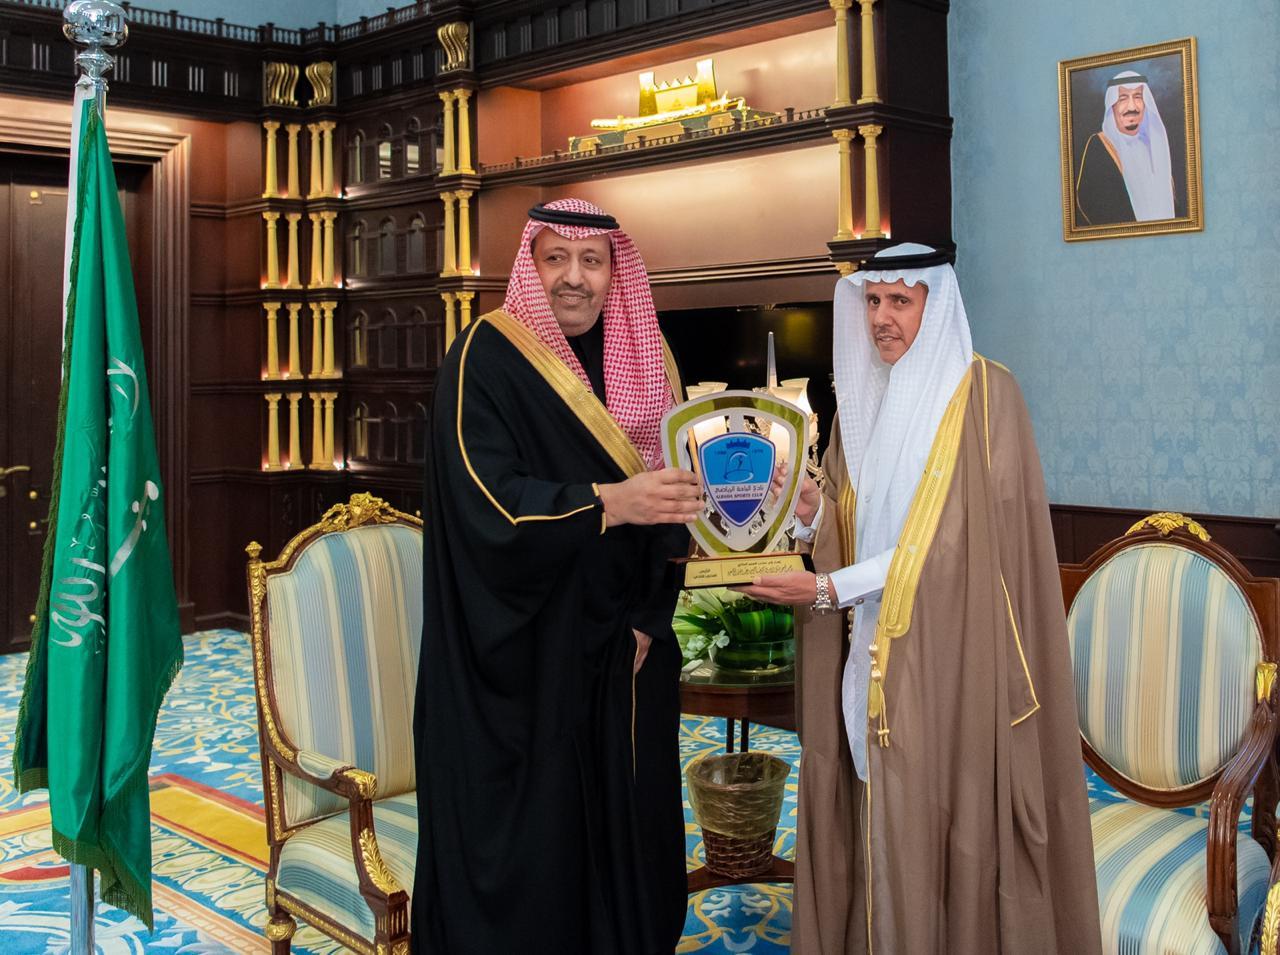 أمير منطقة منطقة الباحة يستقبل رئيس نادي الباحة الرياضي محمد بن صالح زلفان  ويرافقه اعضاء النادي | صحيفة عدسات